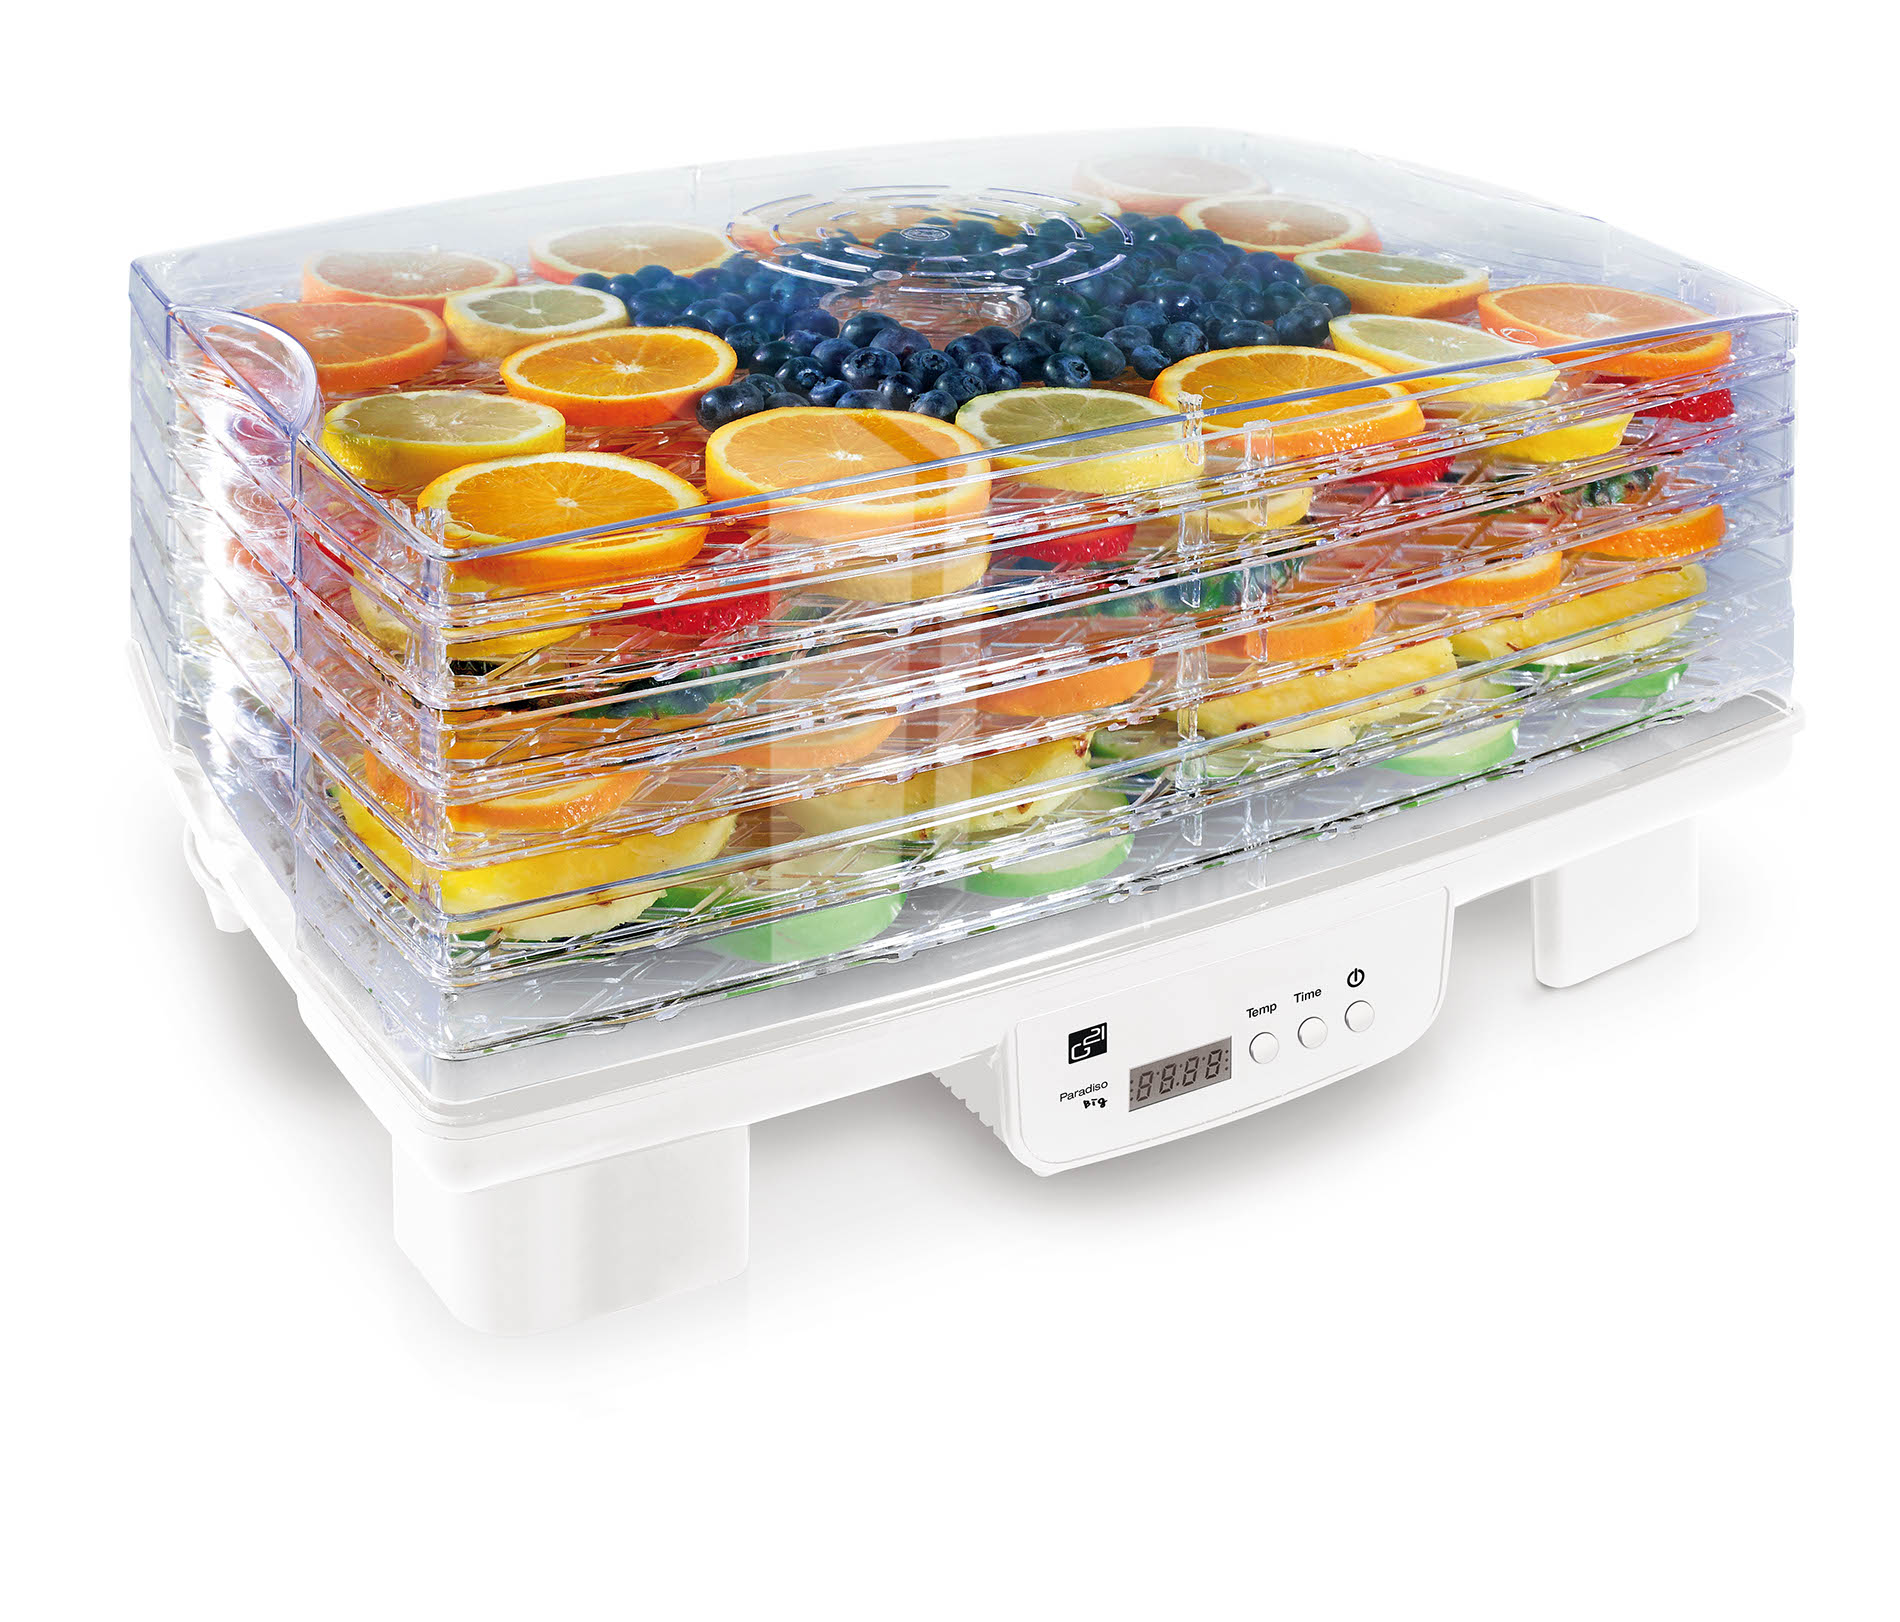 Sušička ovoce a potravin G21 Paradiso big, bílá